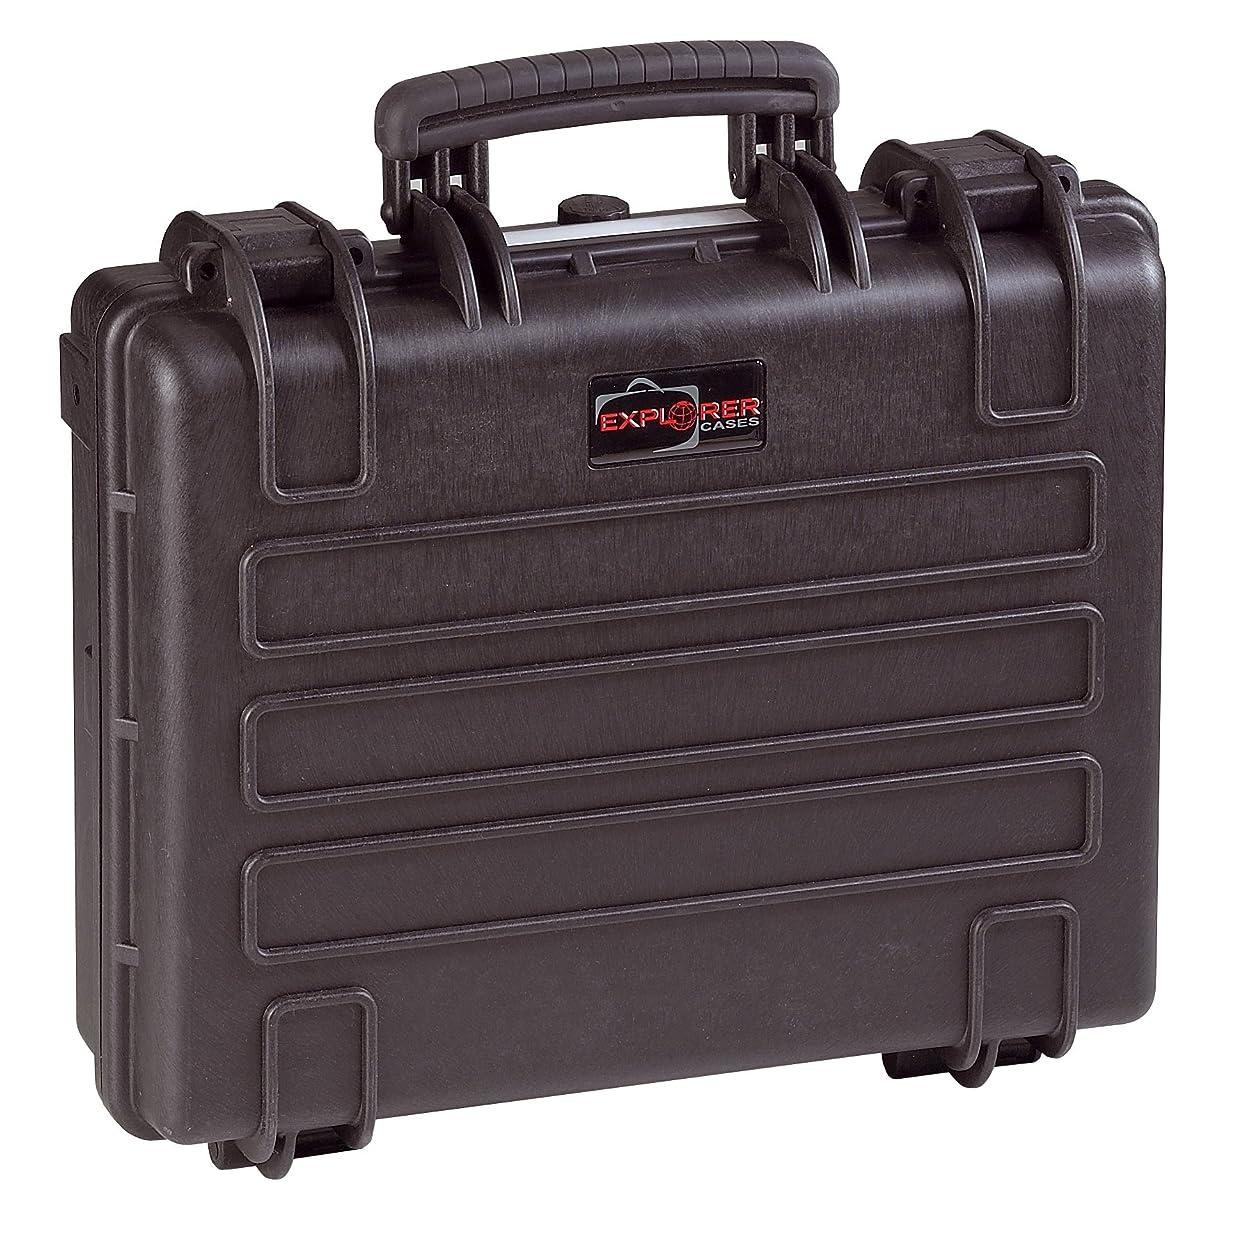 ビジョン偽トレーダーEXPLORER CASES エクスプローラーケース 内装ウレタンフォーム付 4412